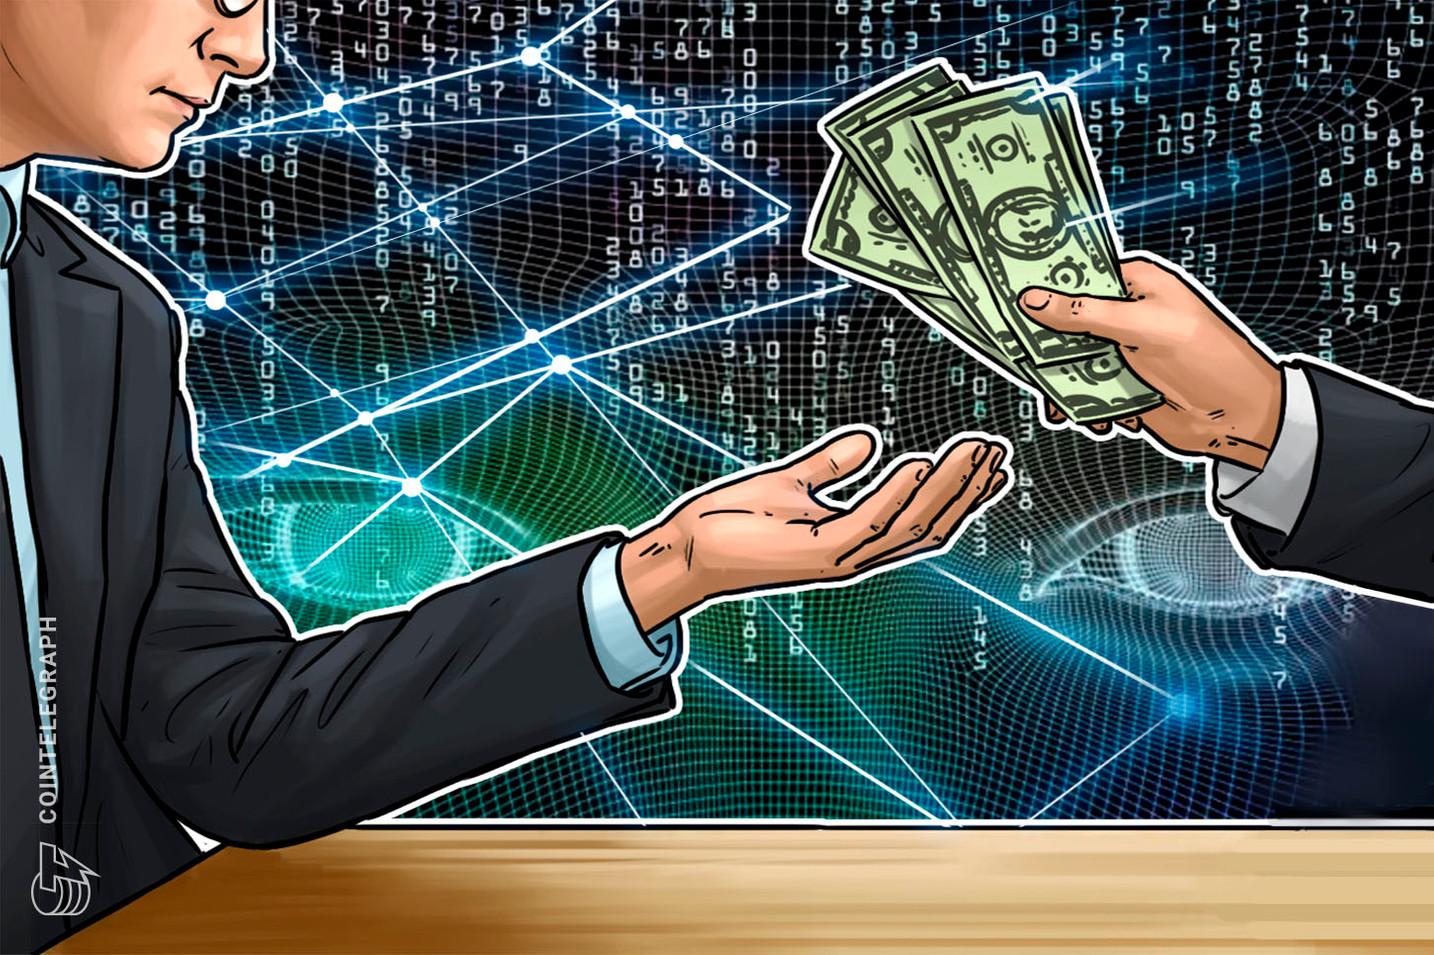 Blockchain Supply Chain Platform erlöst bei Finanzierungsrunde 16 Millionen US-Dollar